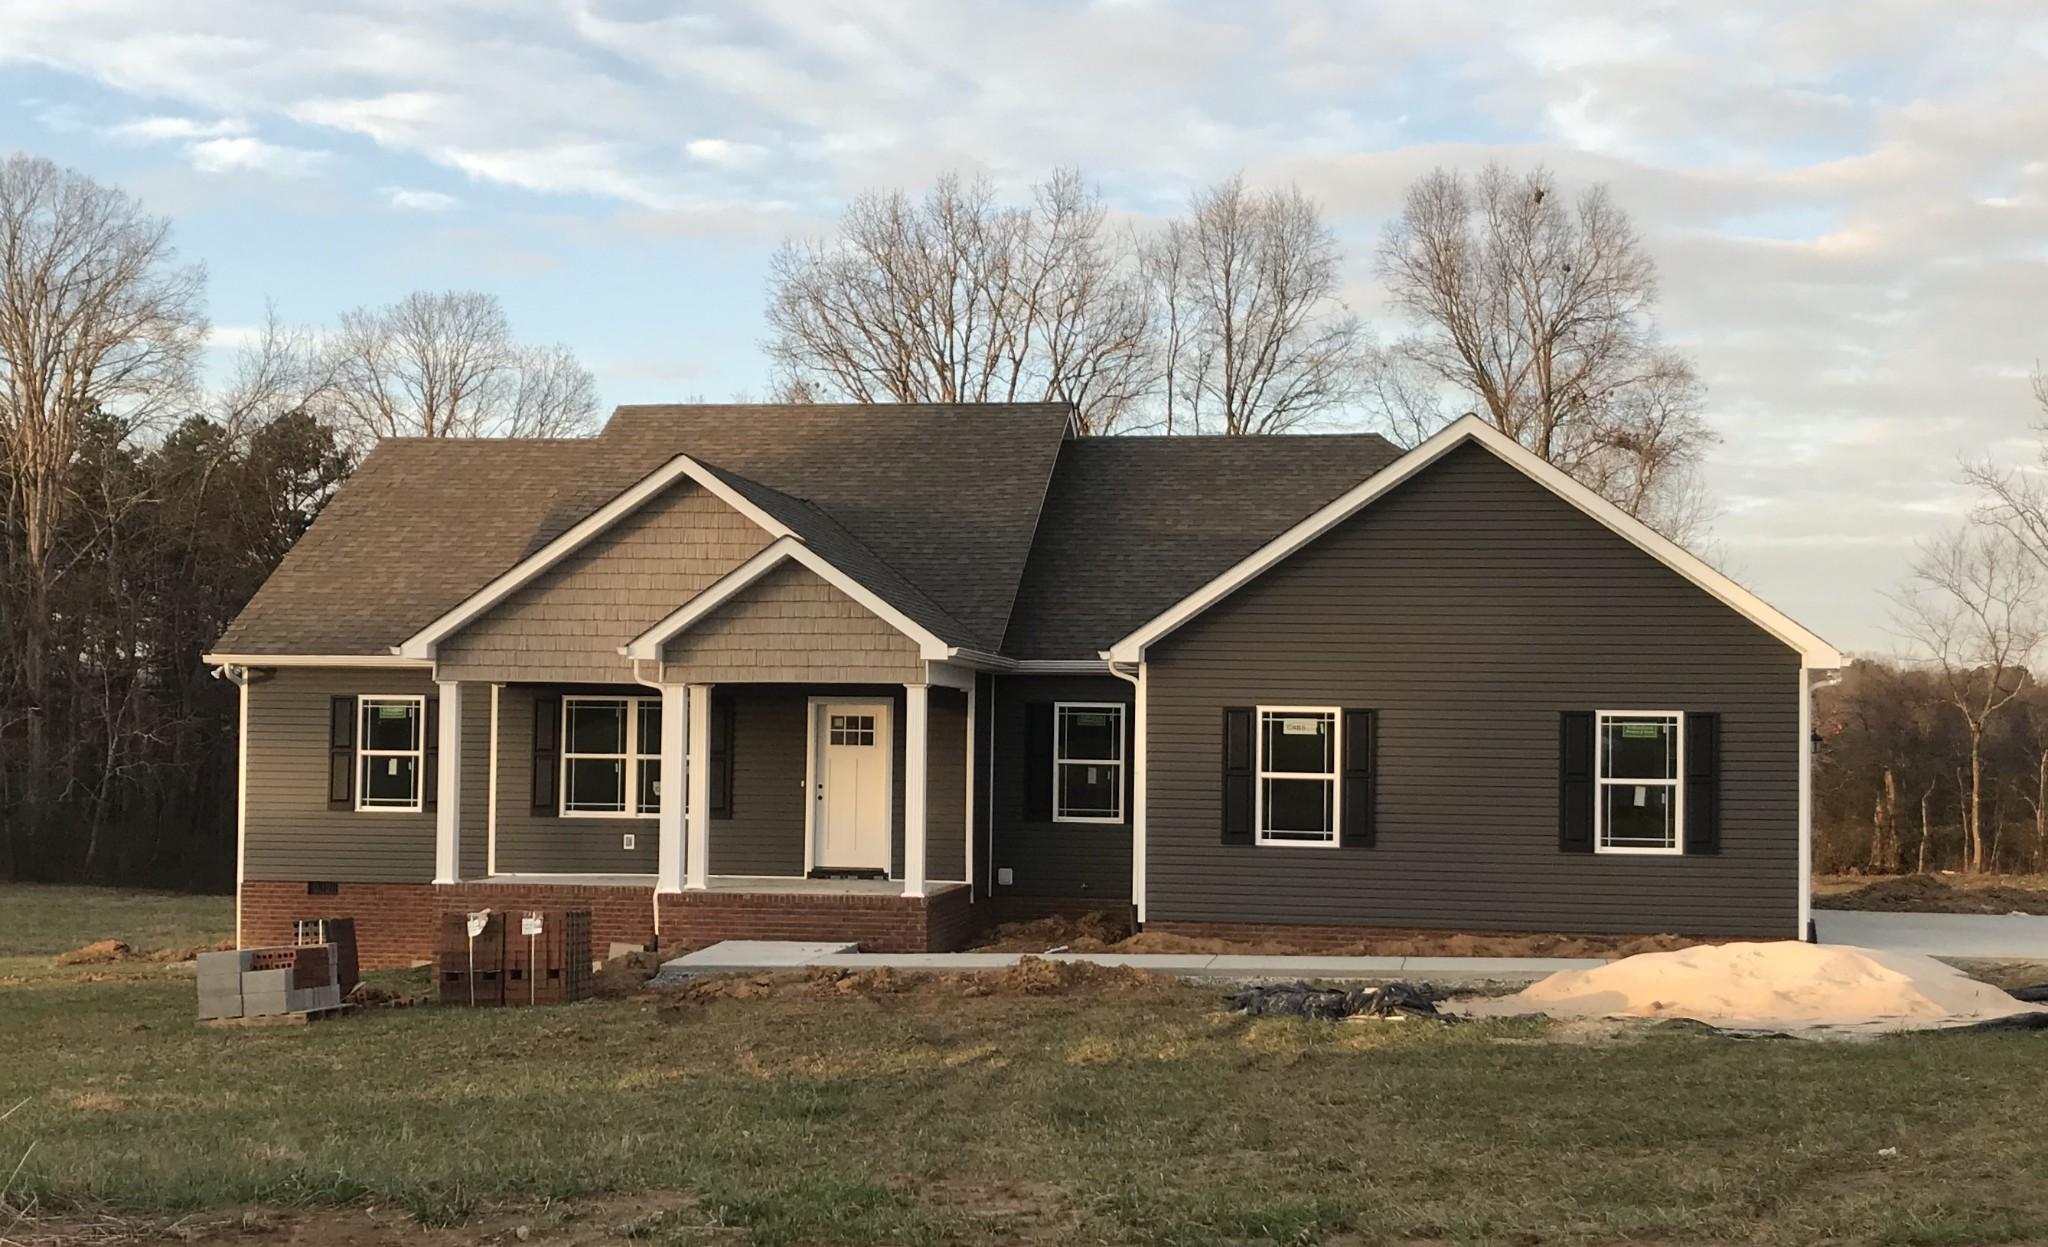 103 KALEB LANE, Summertown, TN 38483 - Summertown, TN real estate listing